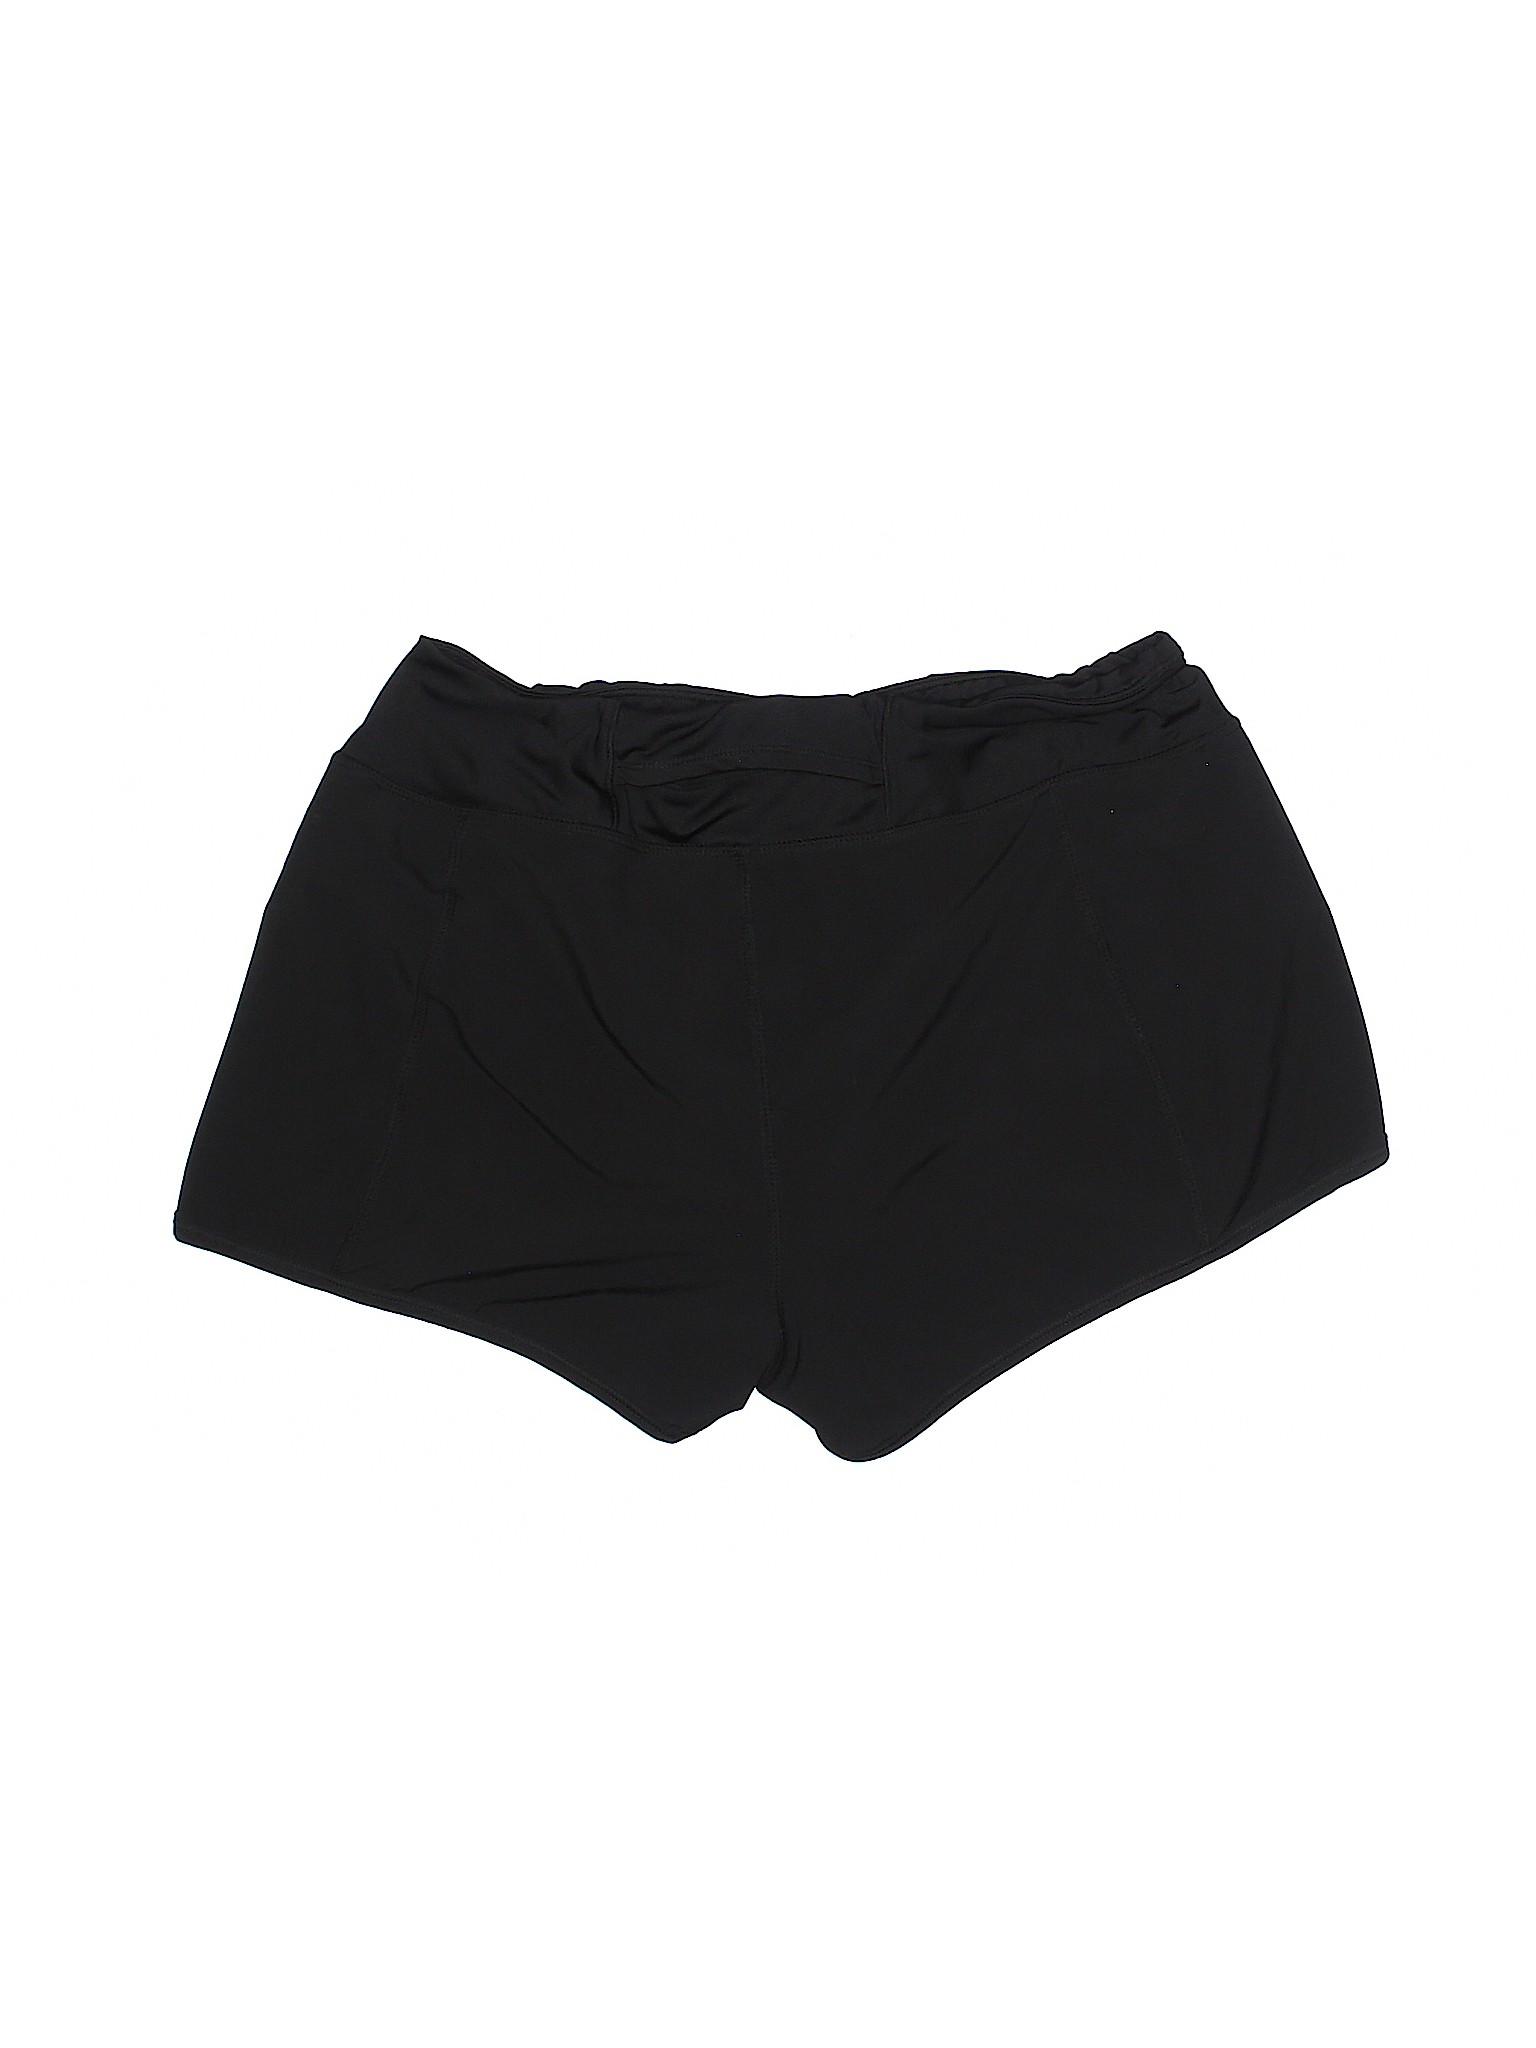 Shorts Athletic Athletic Shorts Boutique Boutique Shorts Reebok Shorts Reebok Boutique Athletic Reebok Boutique Boutique Athletic Reebok pXqZtP